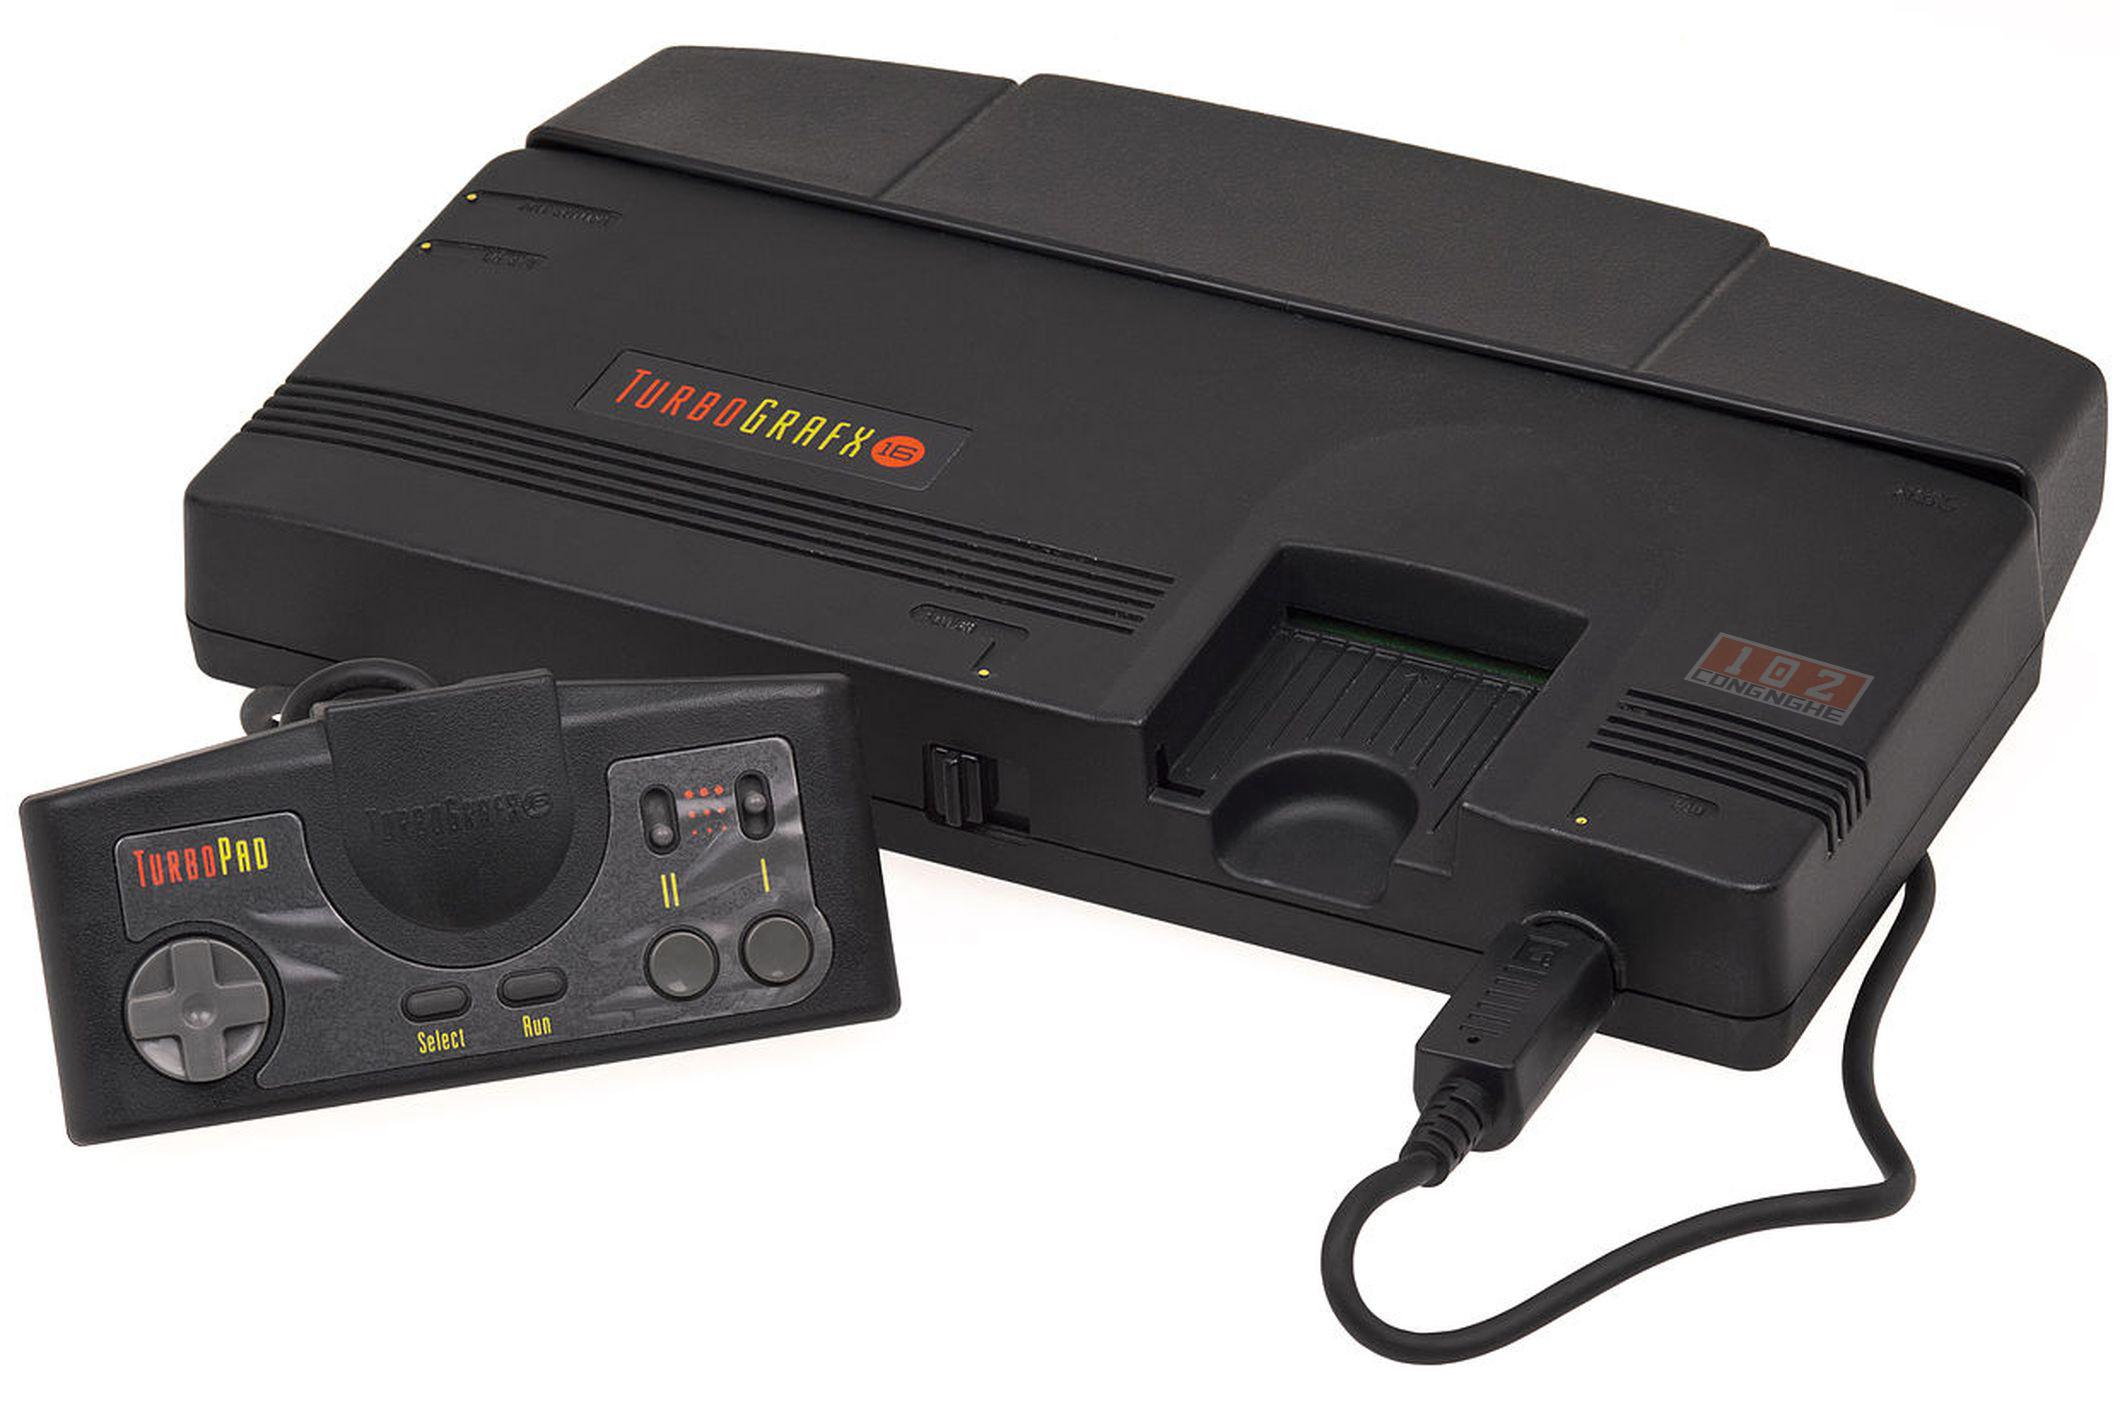 TurboGrafx-16 Mini của Konami sẽ ra mắt tại Bắc Mỹ vào ngày 22 tháng 5